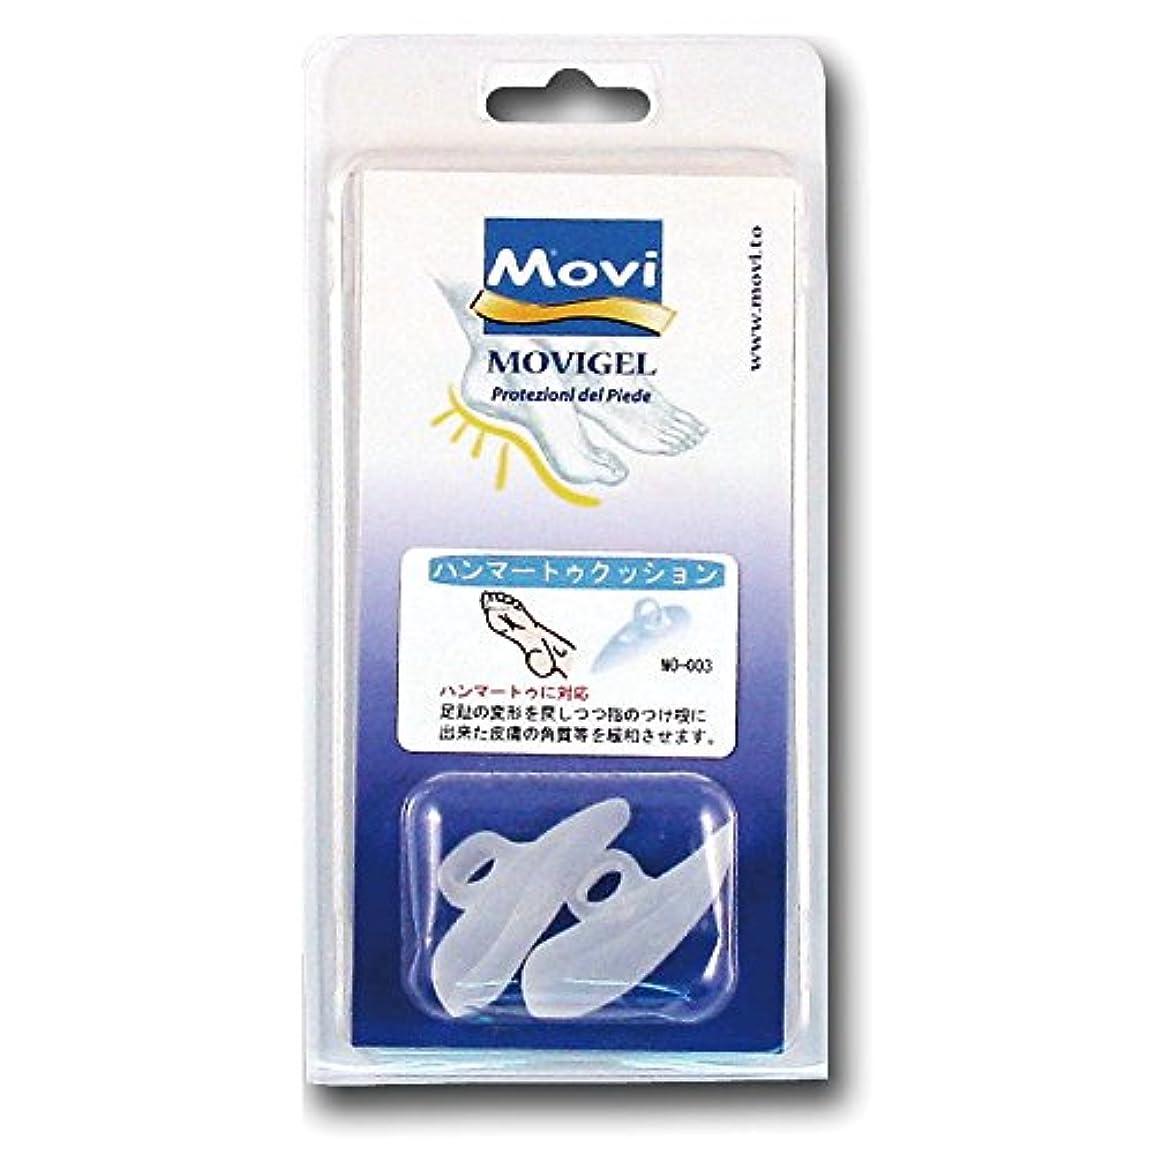 主張する厳しい探検MOVI GEL(モビフットケアシリーズ) サポートパッド ハンマートゥクッション MO-003